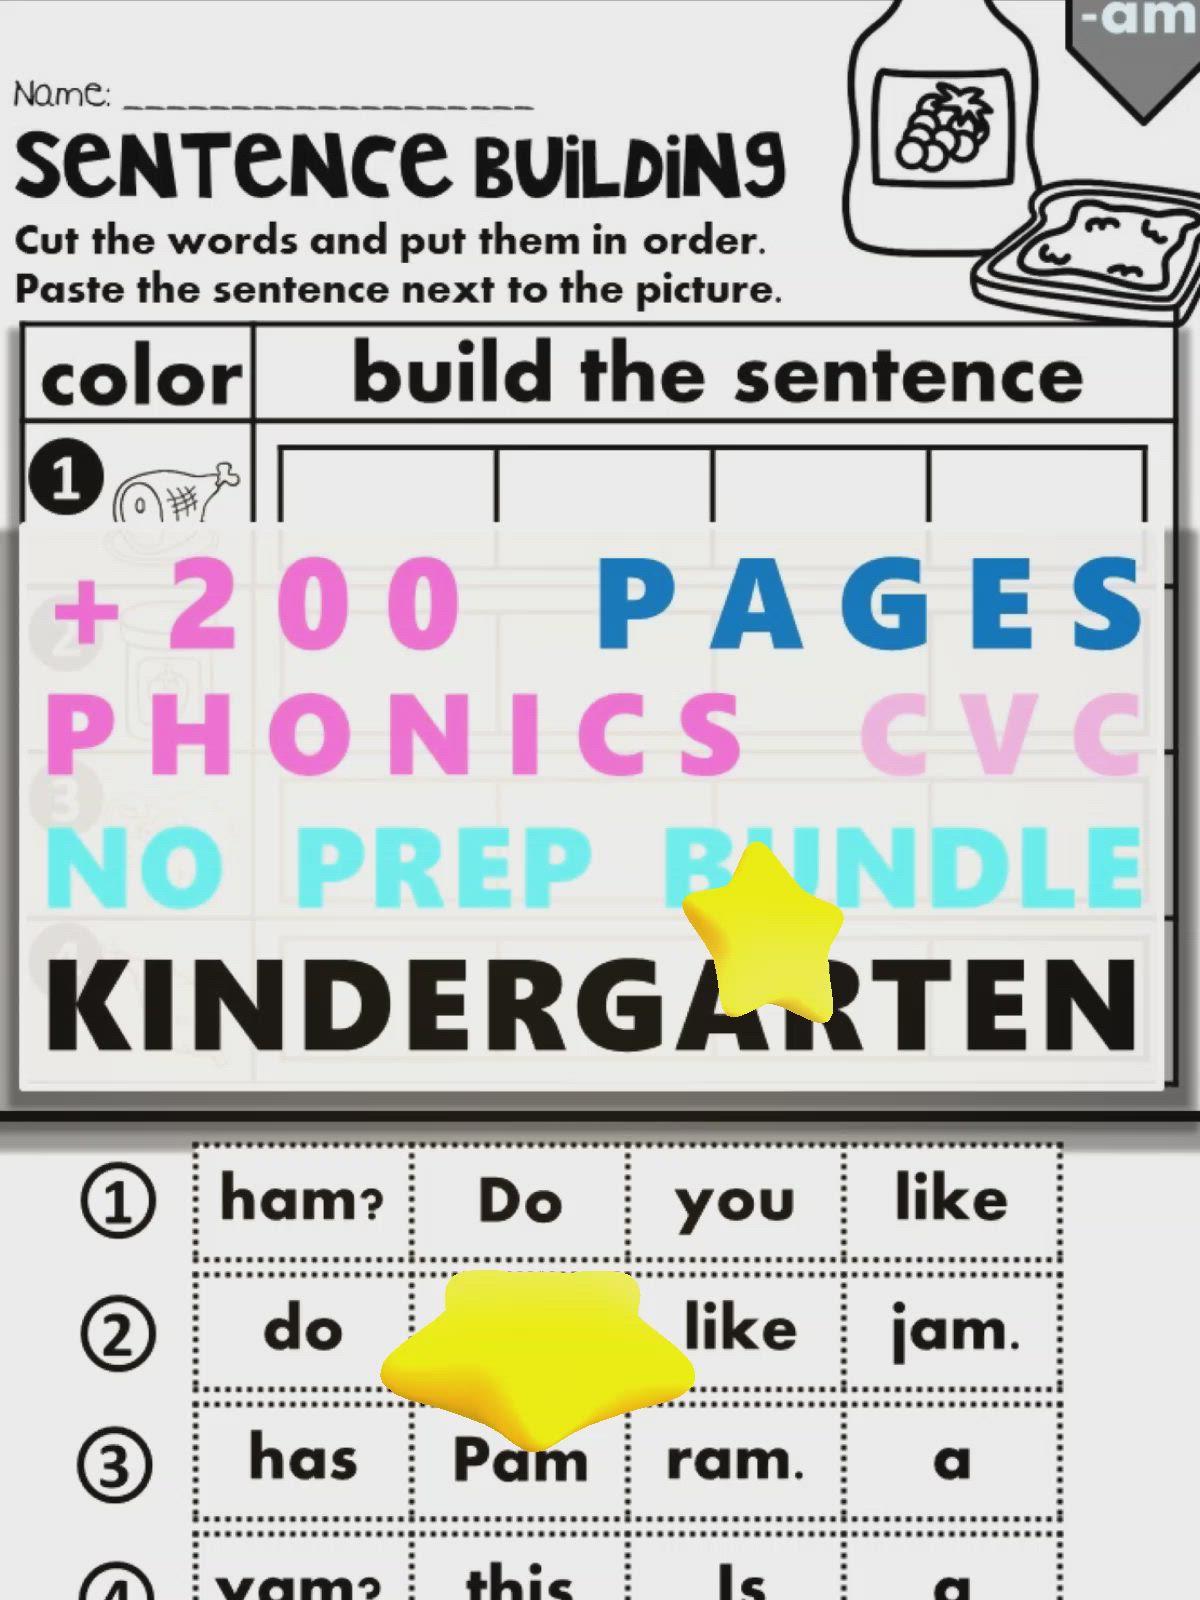 Phonics Worksheets Cvc Fluency Bundle Kindergarten First Grade Video In 2021 Phonics Worksheets Phonics Cvc Cvc Words [ 1600 x 1200 Pixel ]